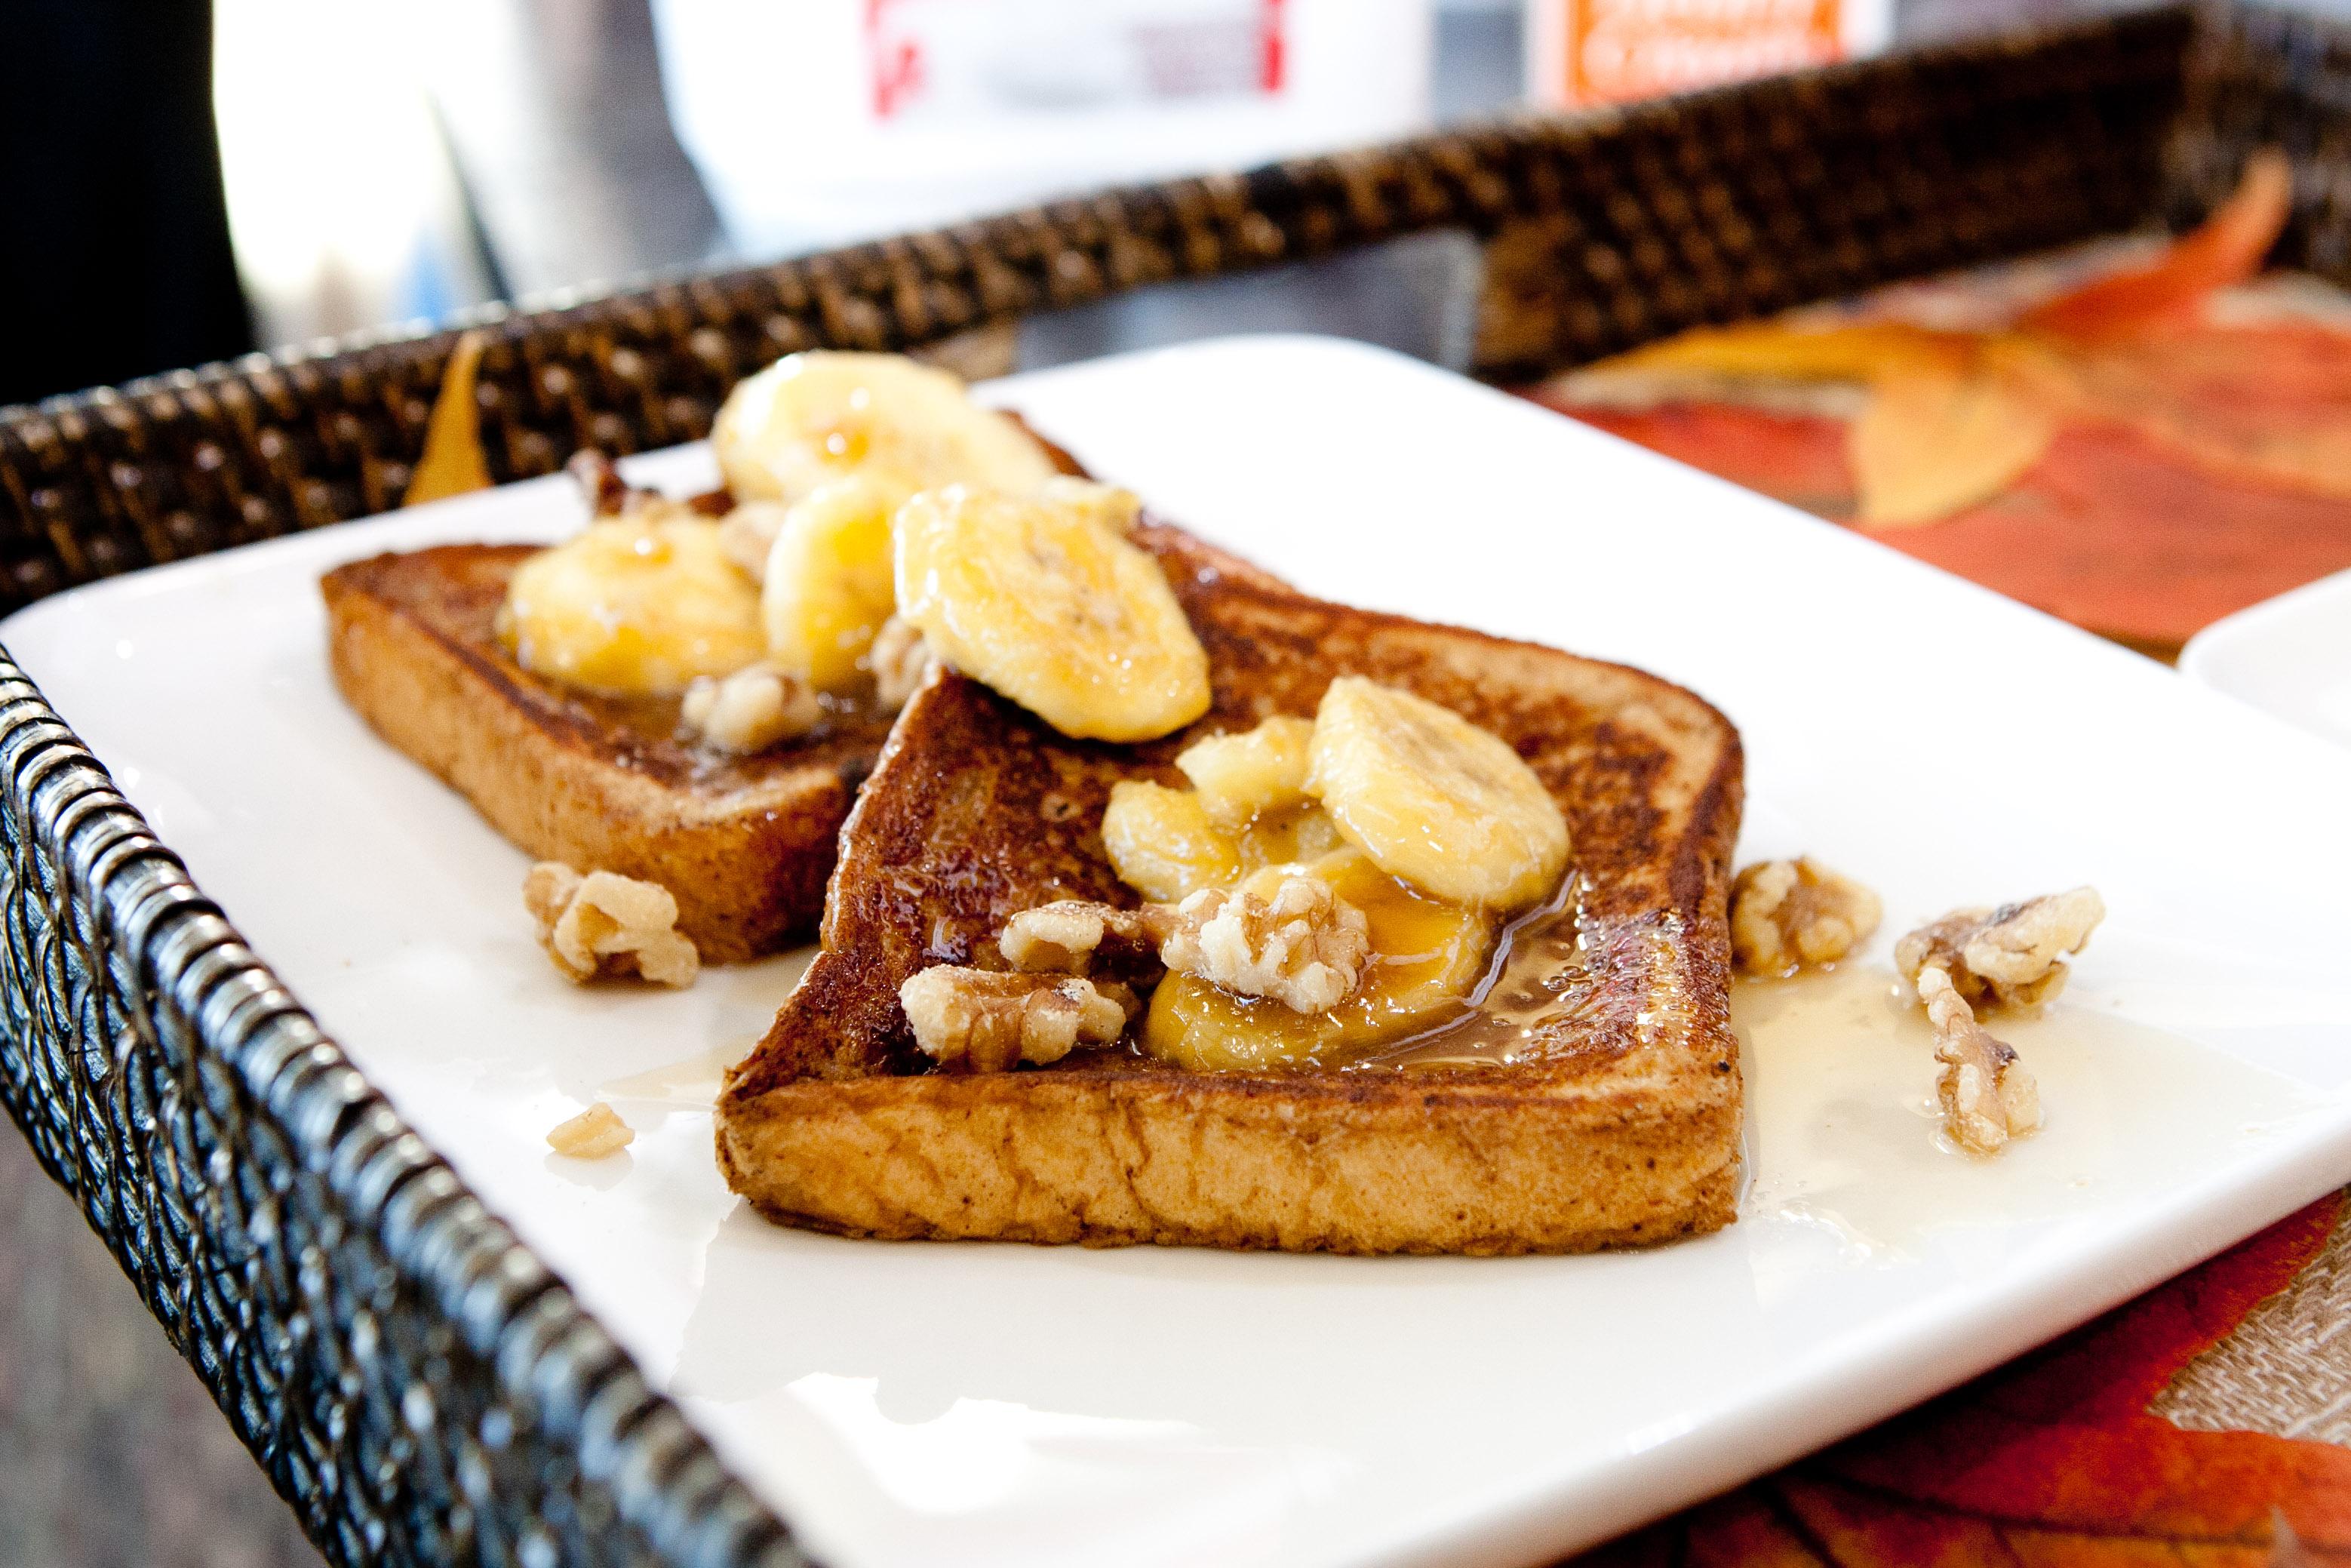 لفطور وعشاء لذيذ و سريع طريقة عمل التوست الفرنسي بالصور Banana-Chai-French-T